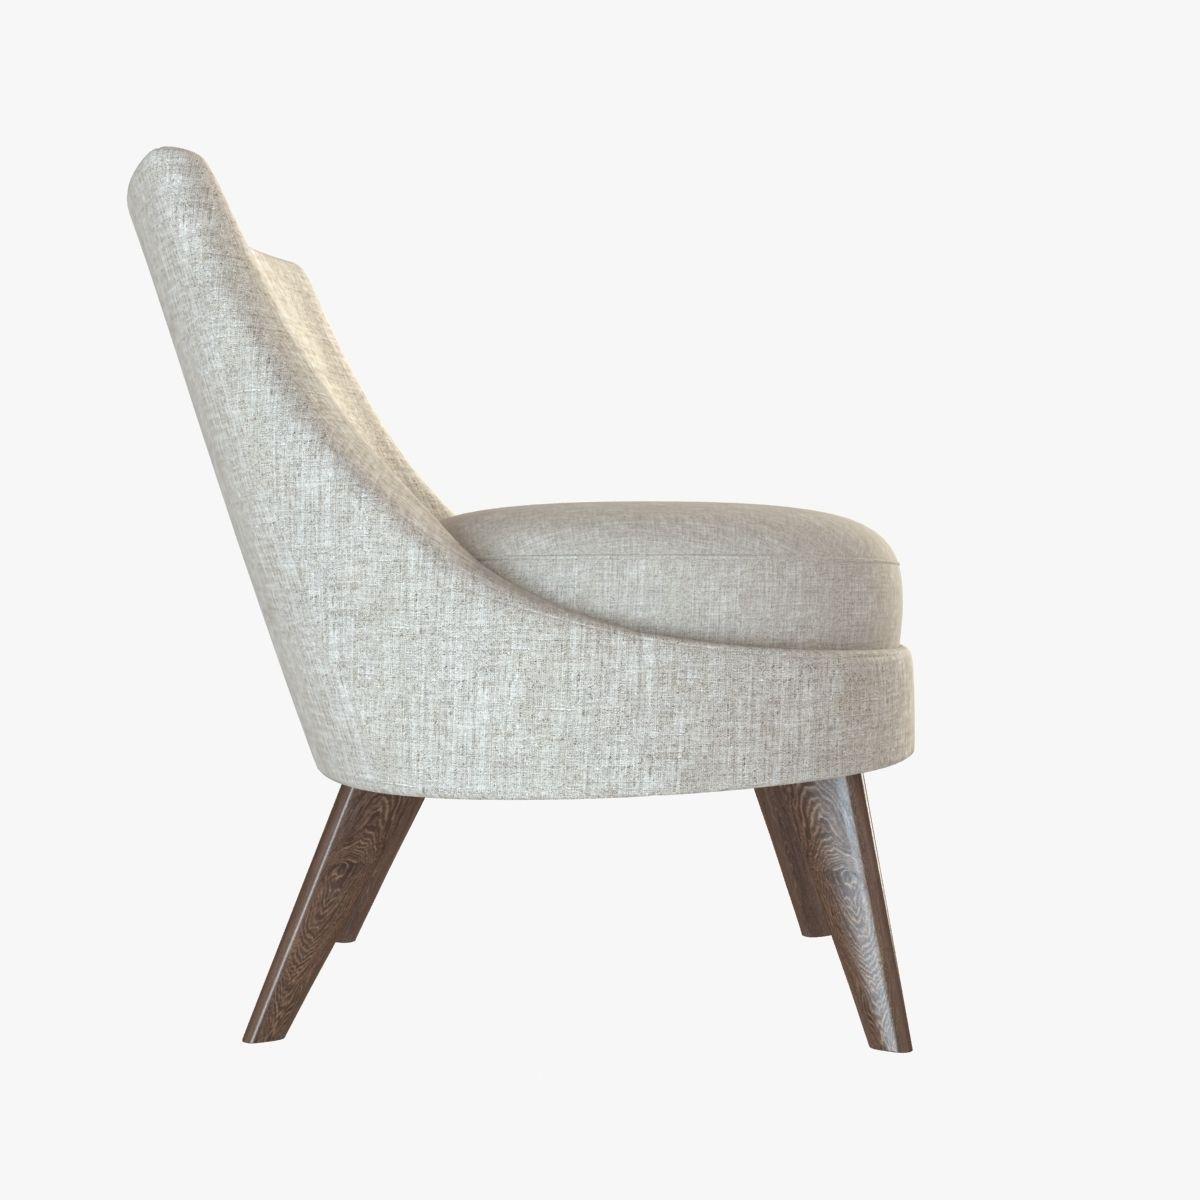 ... Pimlico Lounge Chair 3d Model Max Obj 3ds Fbx Mtl 7 ...